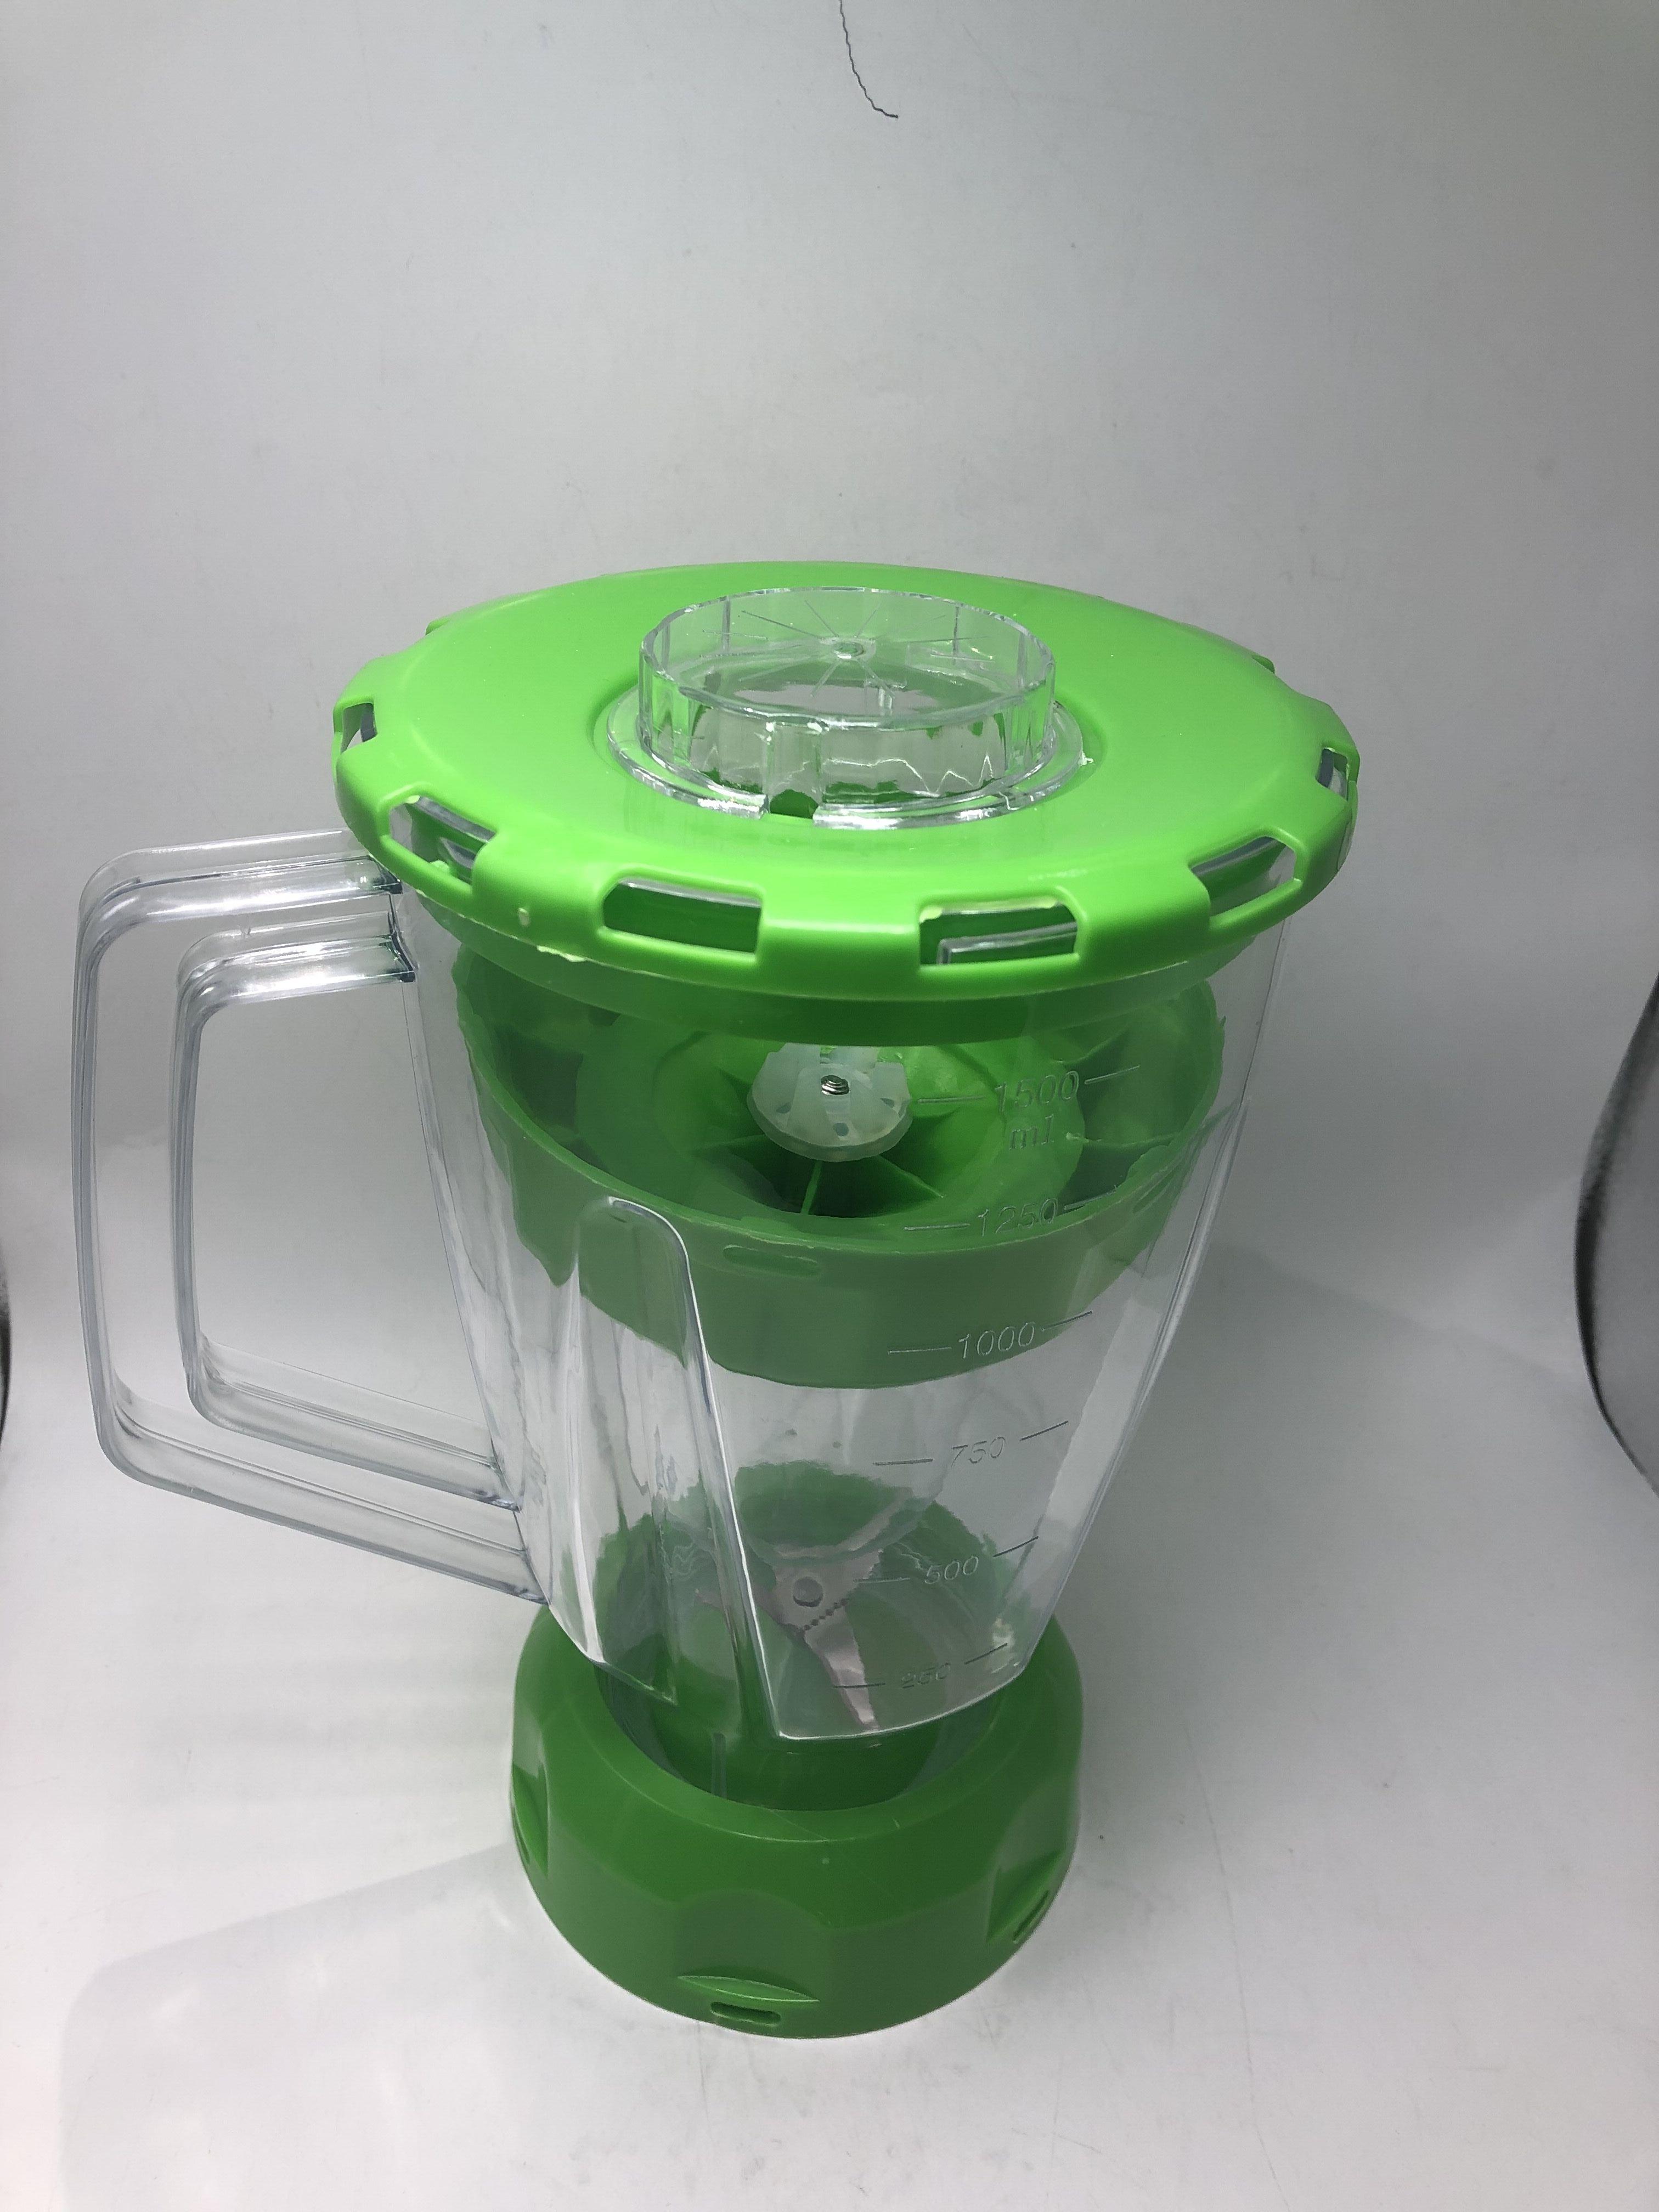 12v Dc Điện Máy Xay Sinh Tố Với Mill Tập Tin Đính Kèm - Buy Electric  Vegetable Chopper Blender,Dc Powered Blender Product on Alibaba.com